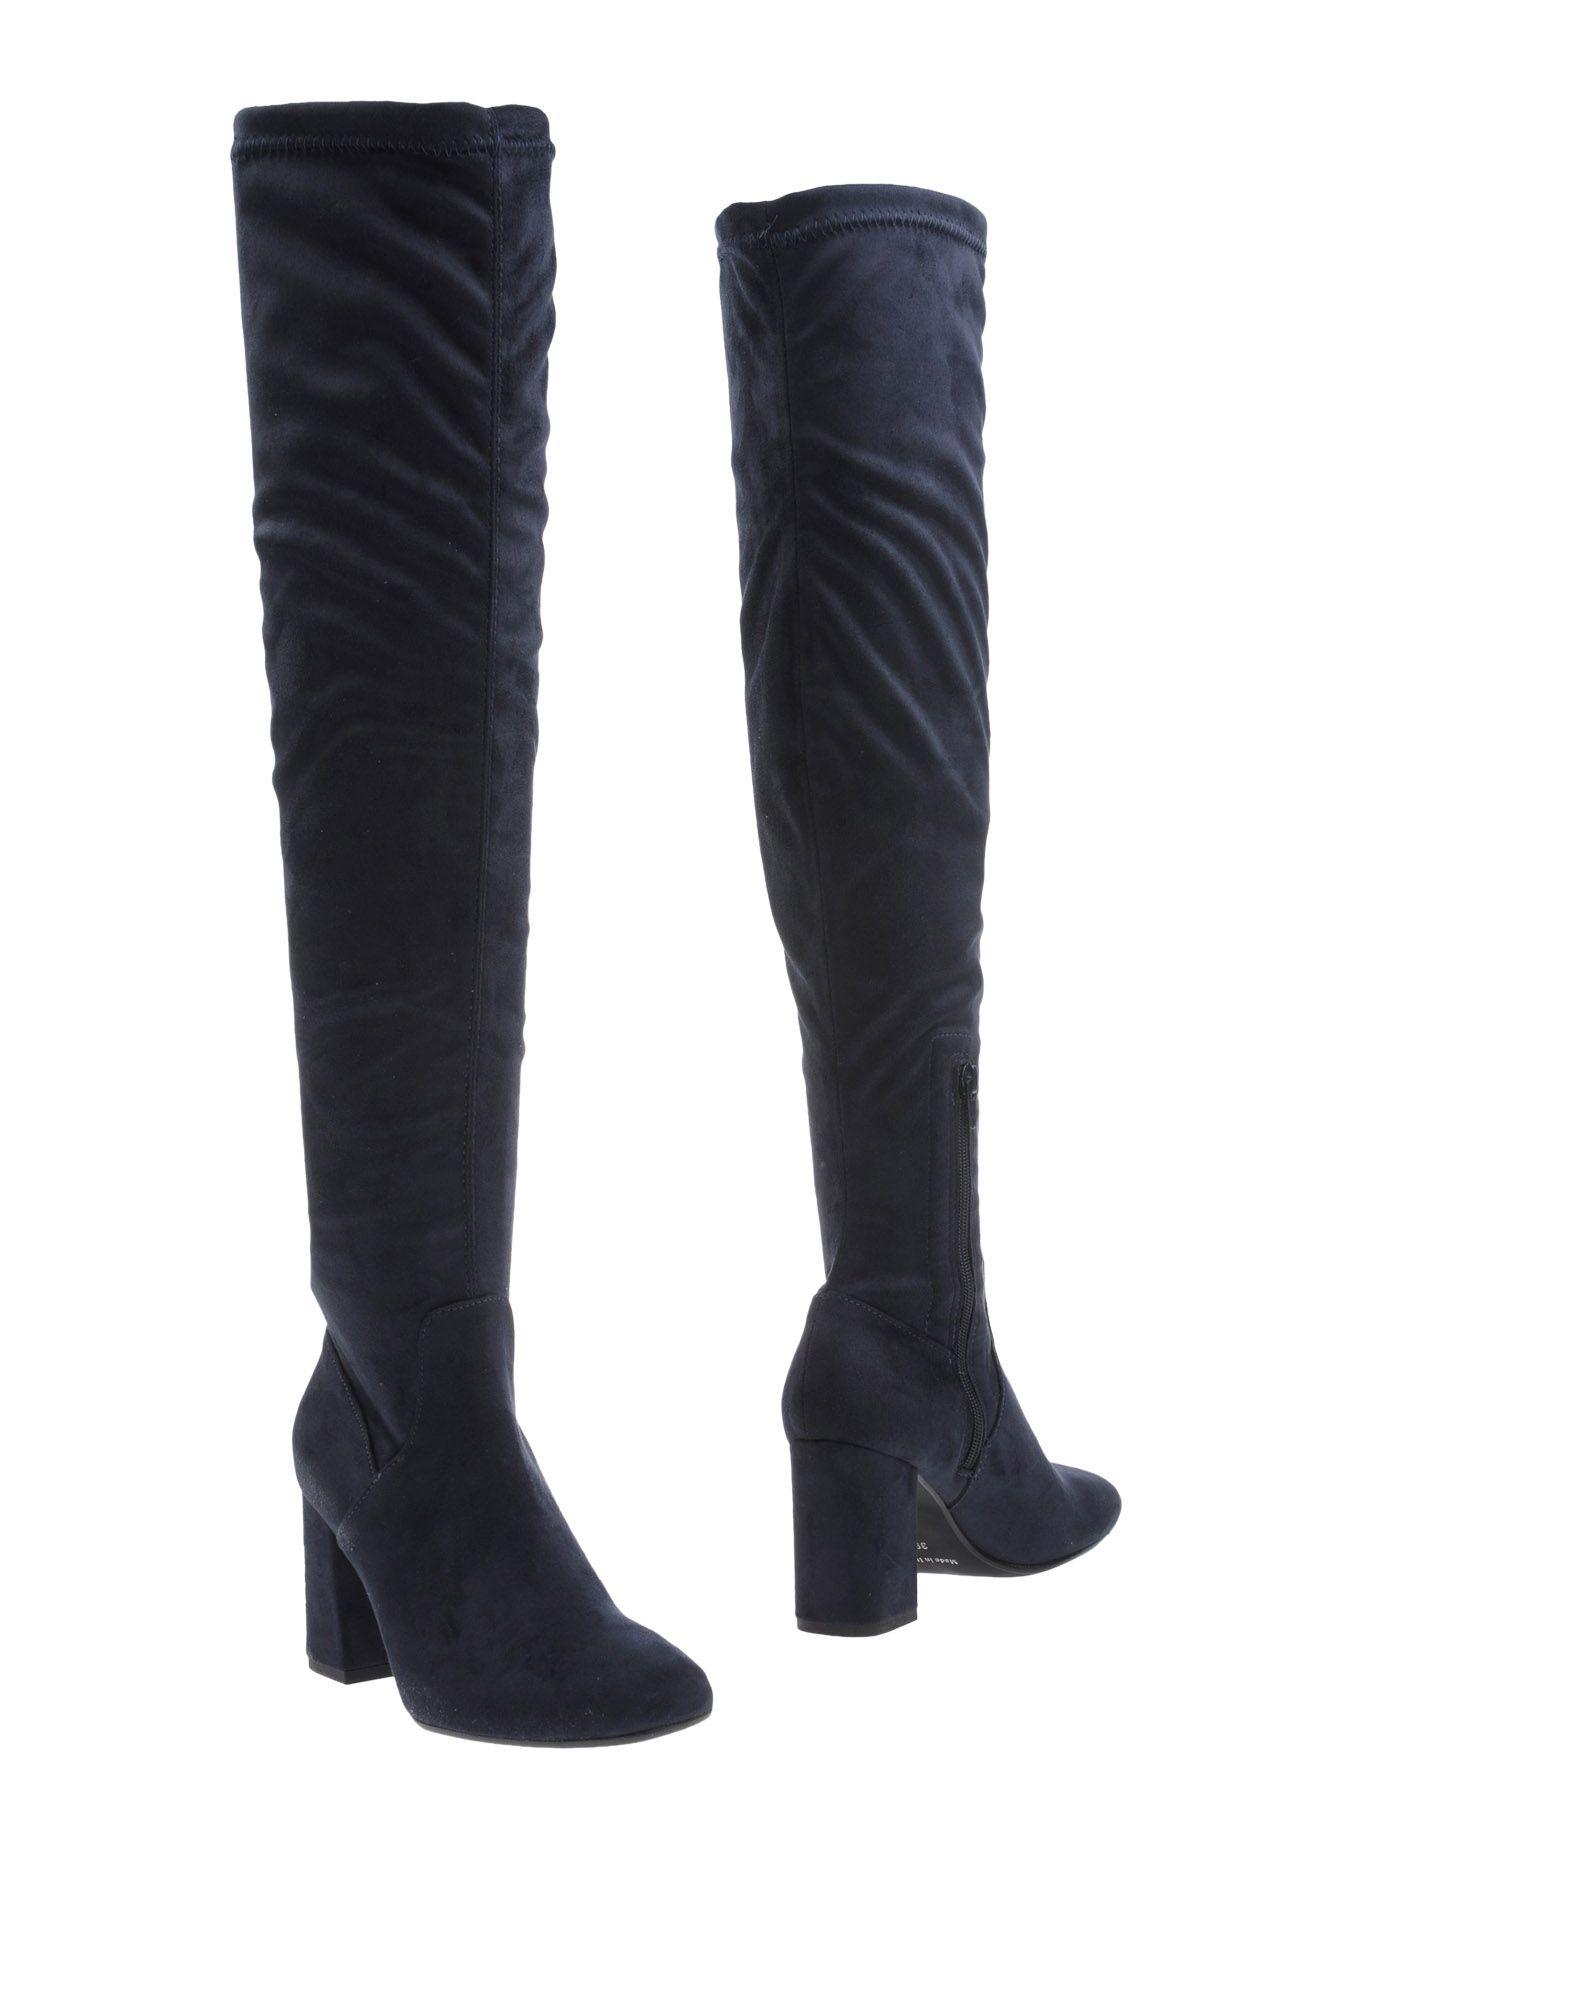 Le Stelle Stiefel Damen  11220696FW Gute Qualität beliebte Schuhe